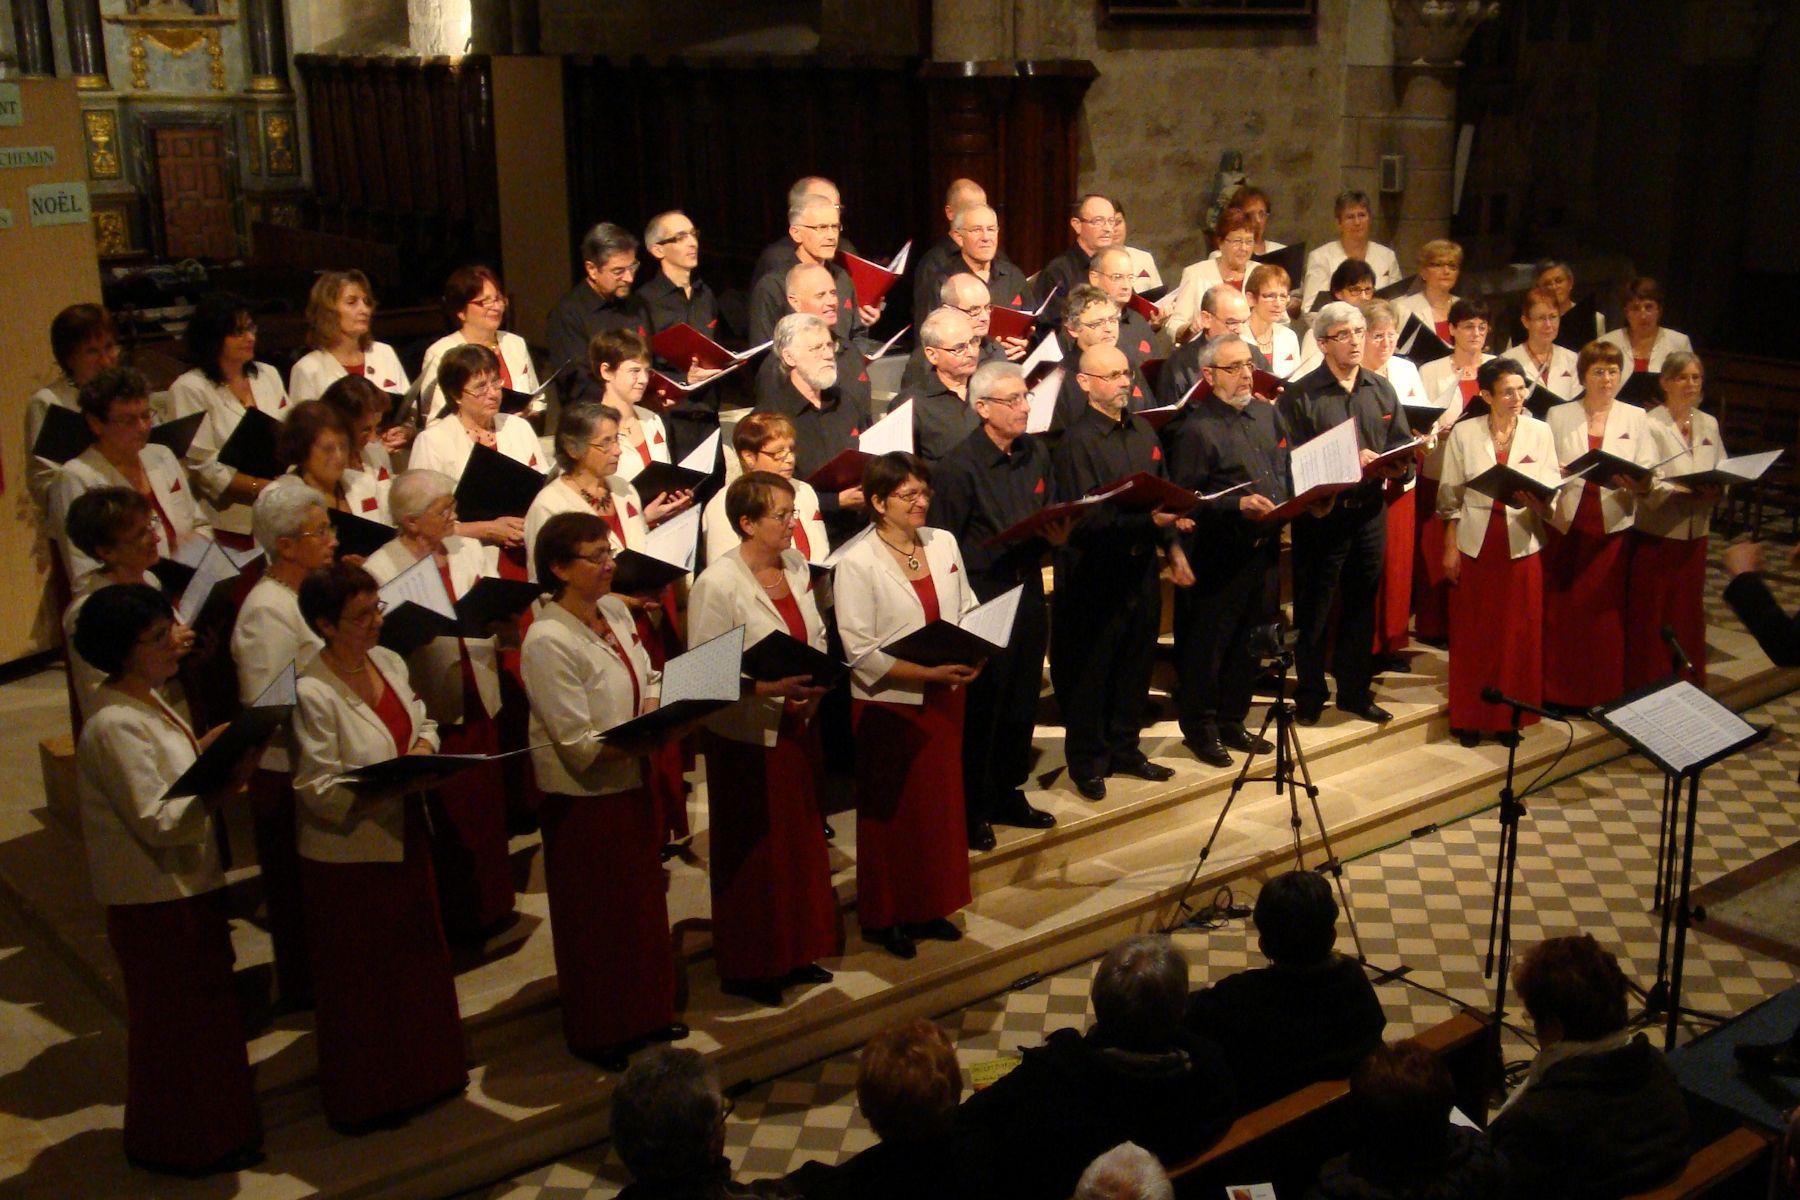 Concert de NOËL avec CHANTEVIE et OLICANTE au profit de SAVENA le dimanche 8 décembre à 16h00